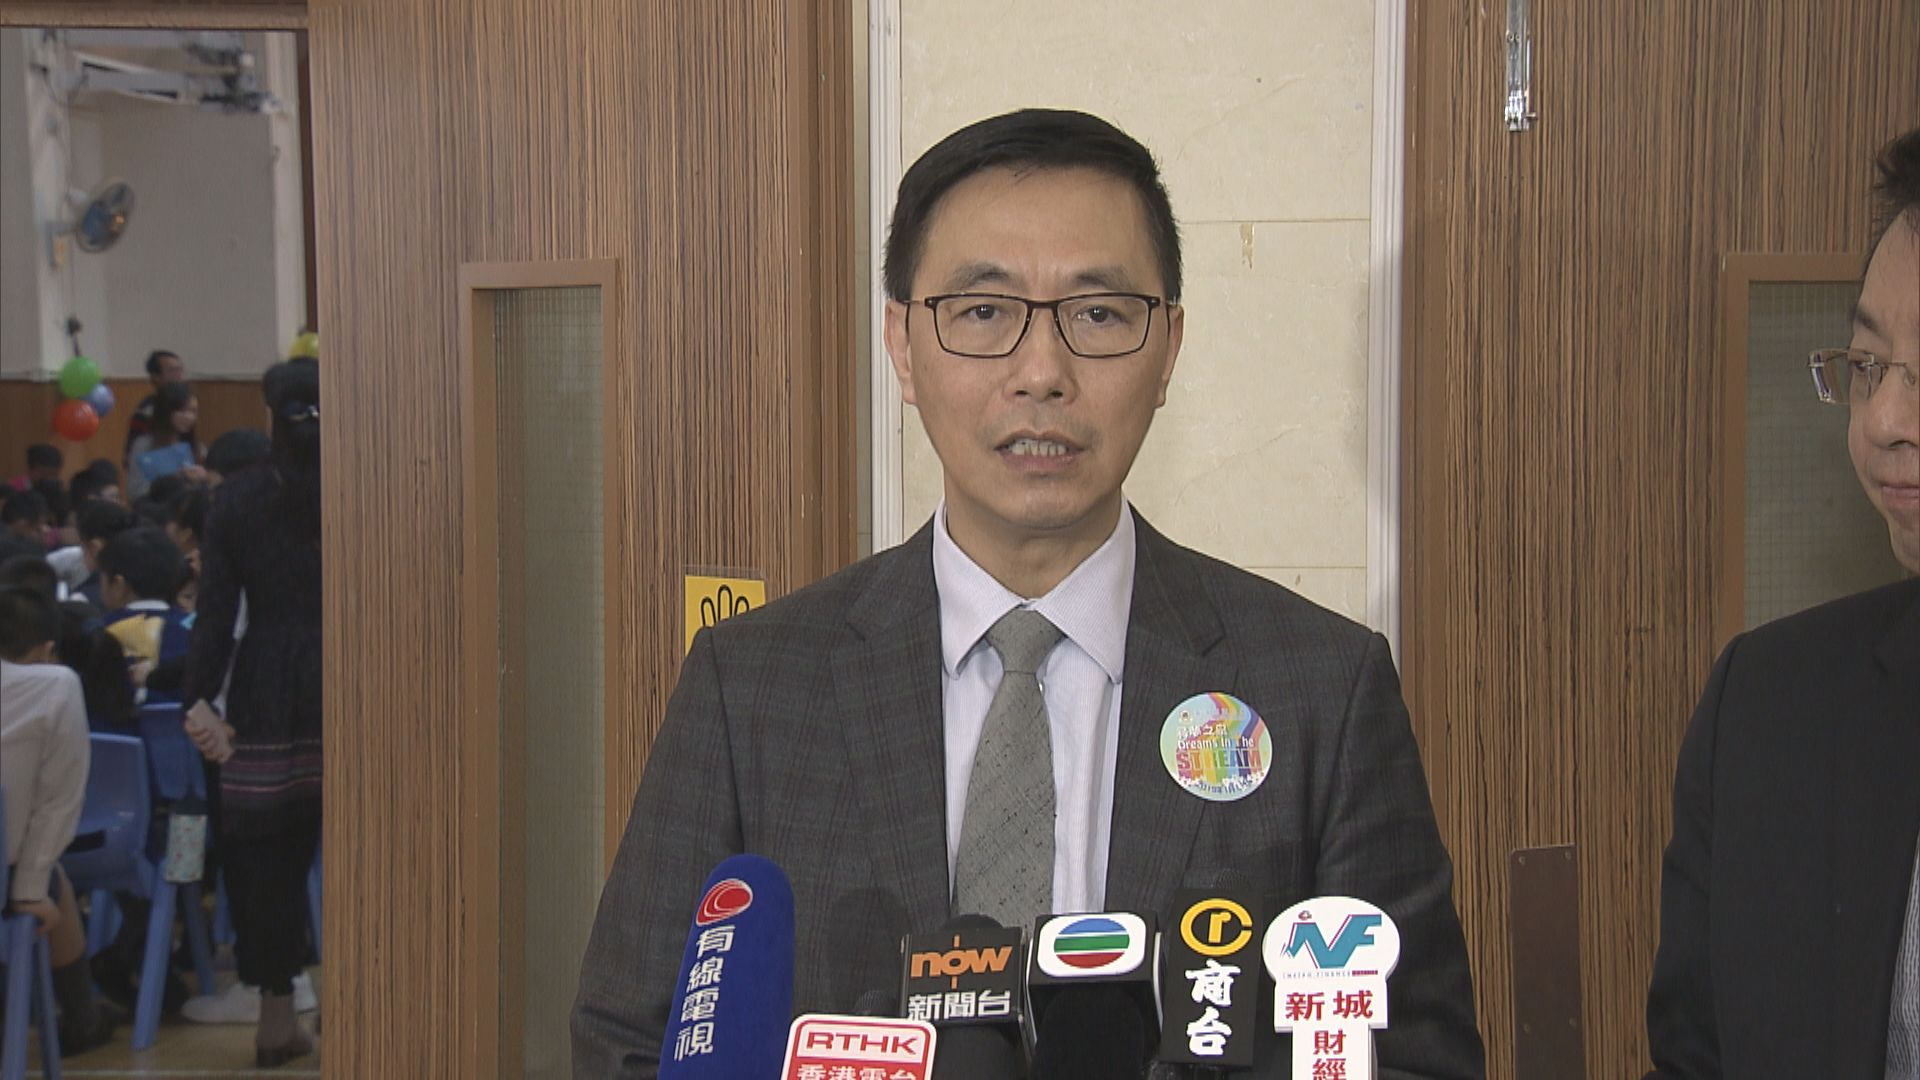 楊潤雄:學生不尊重國歌由校方專業處理